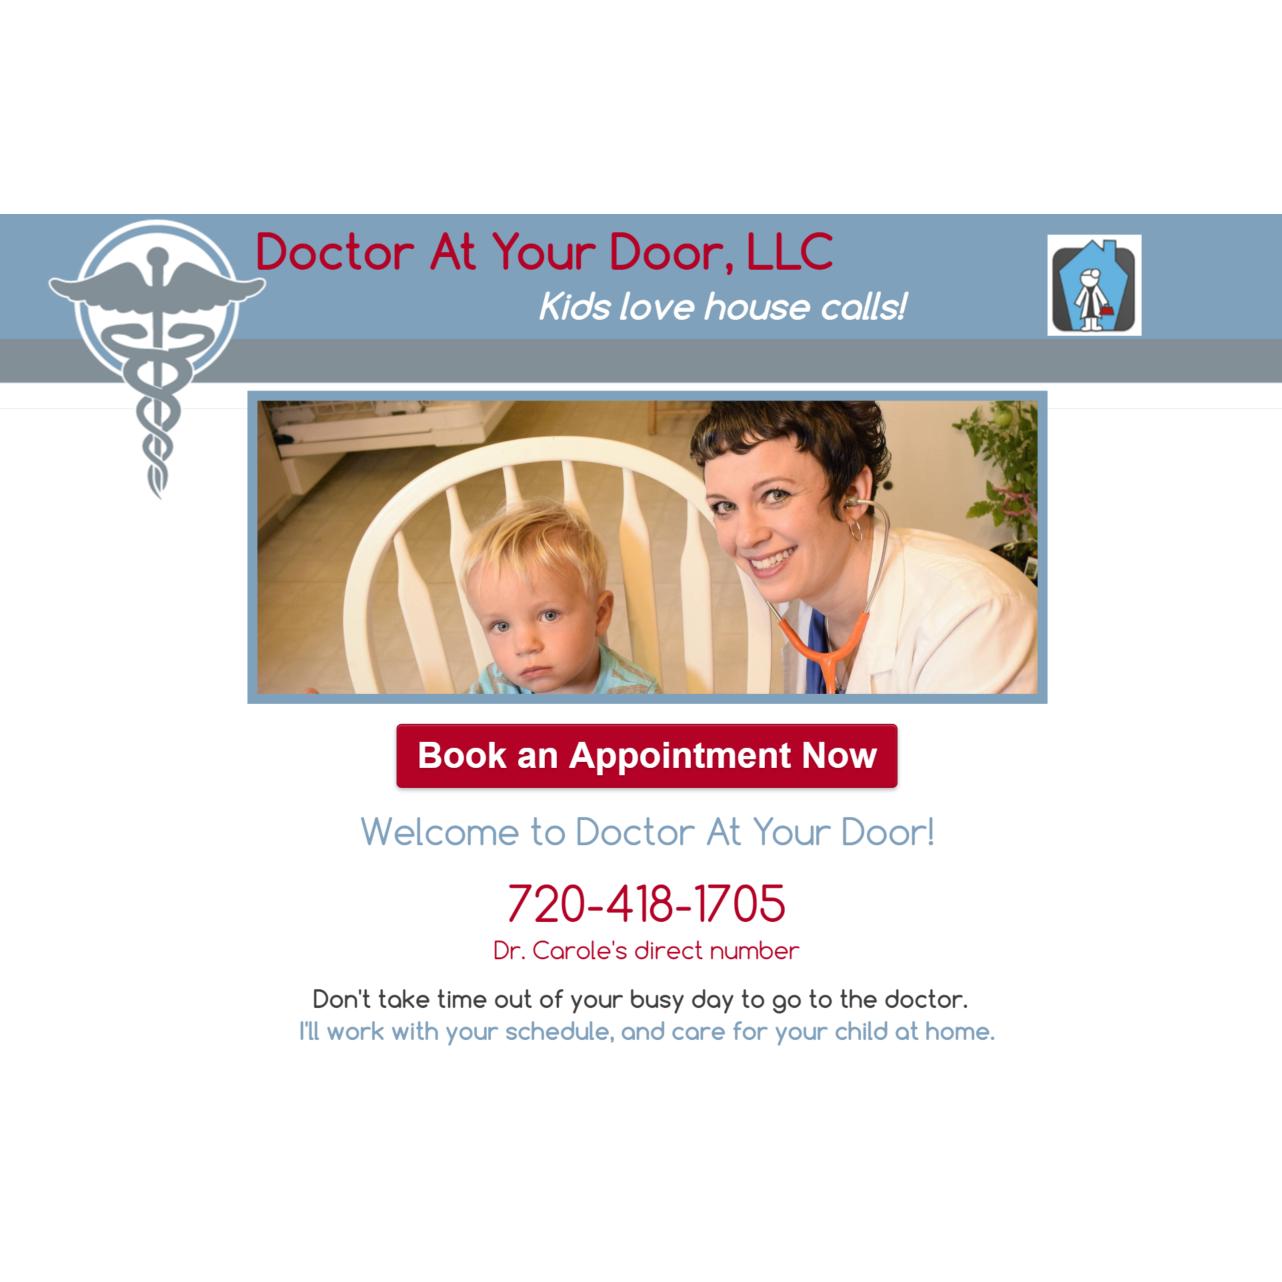 Doctor At Your Door, LLC